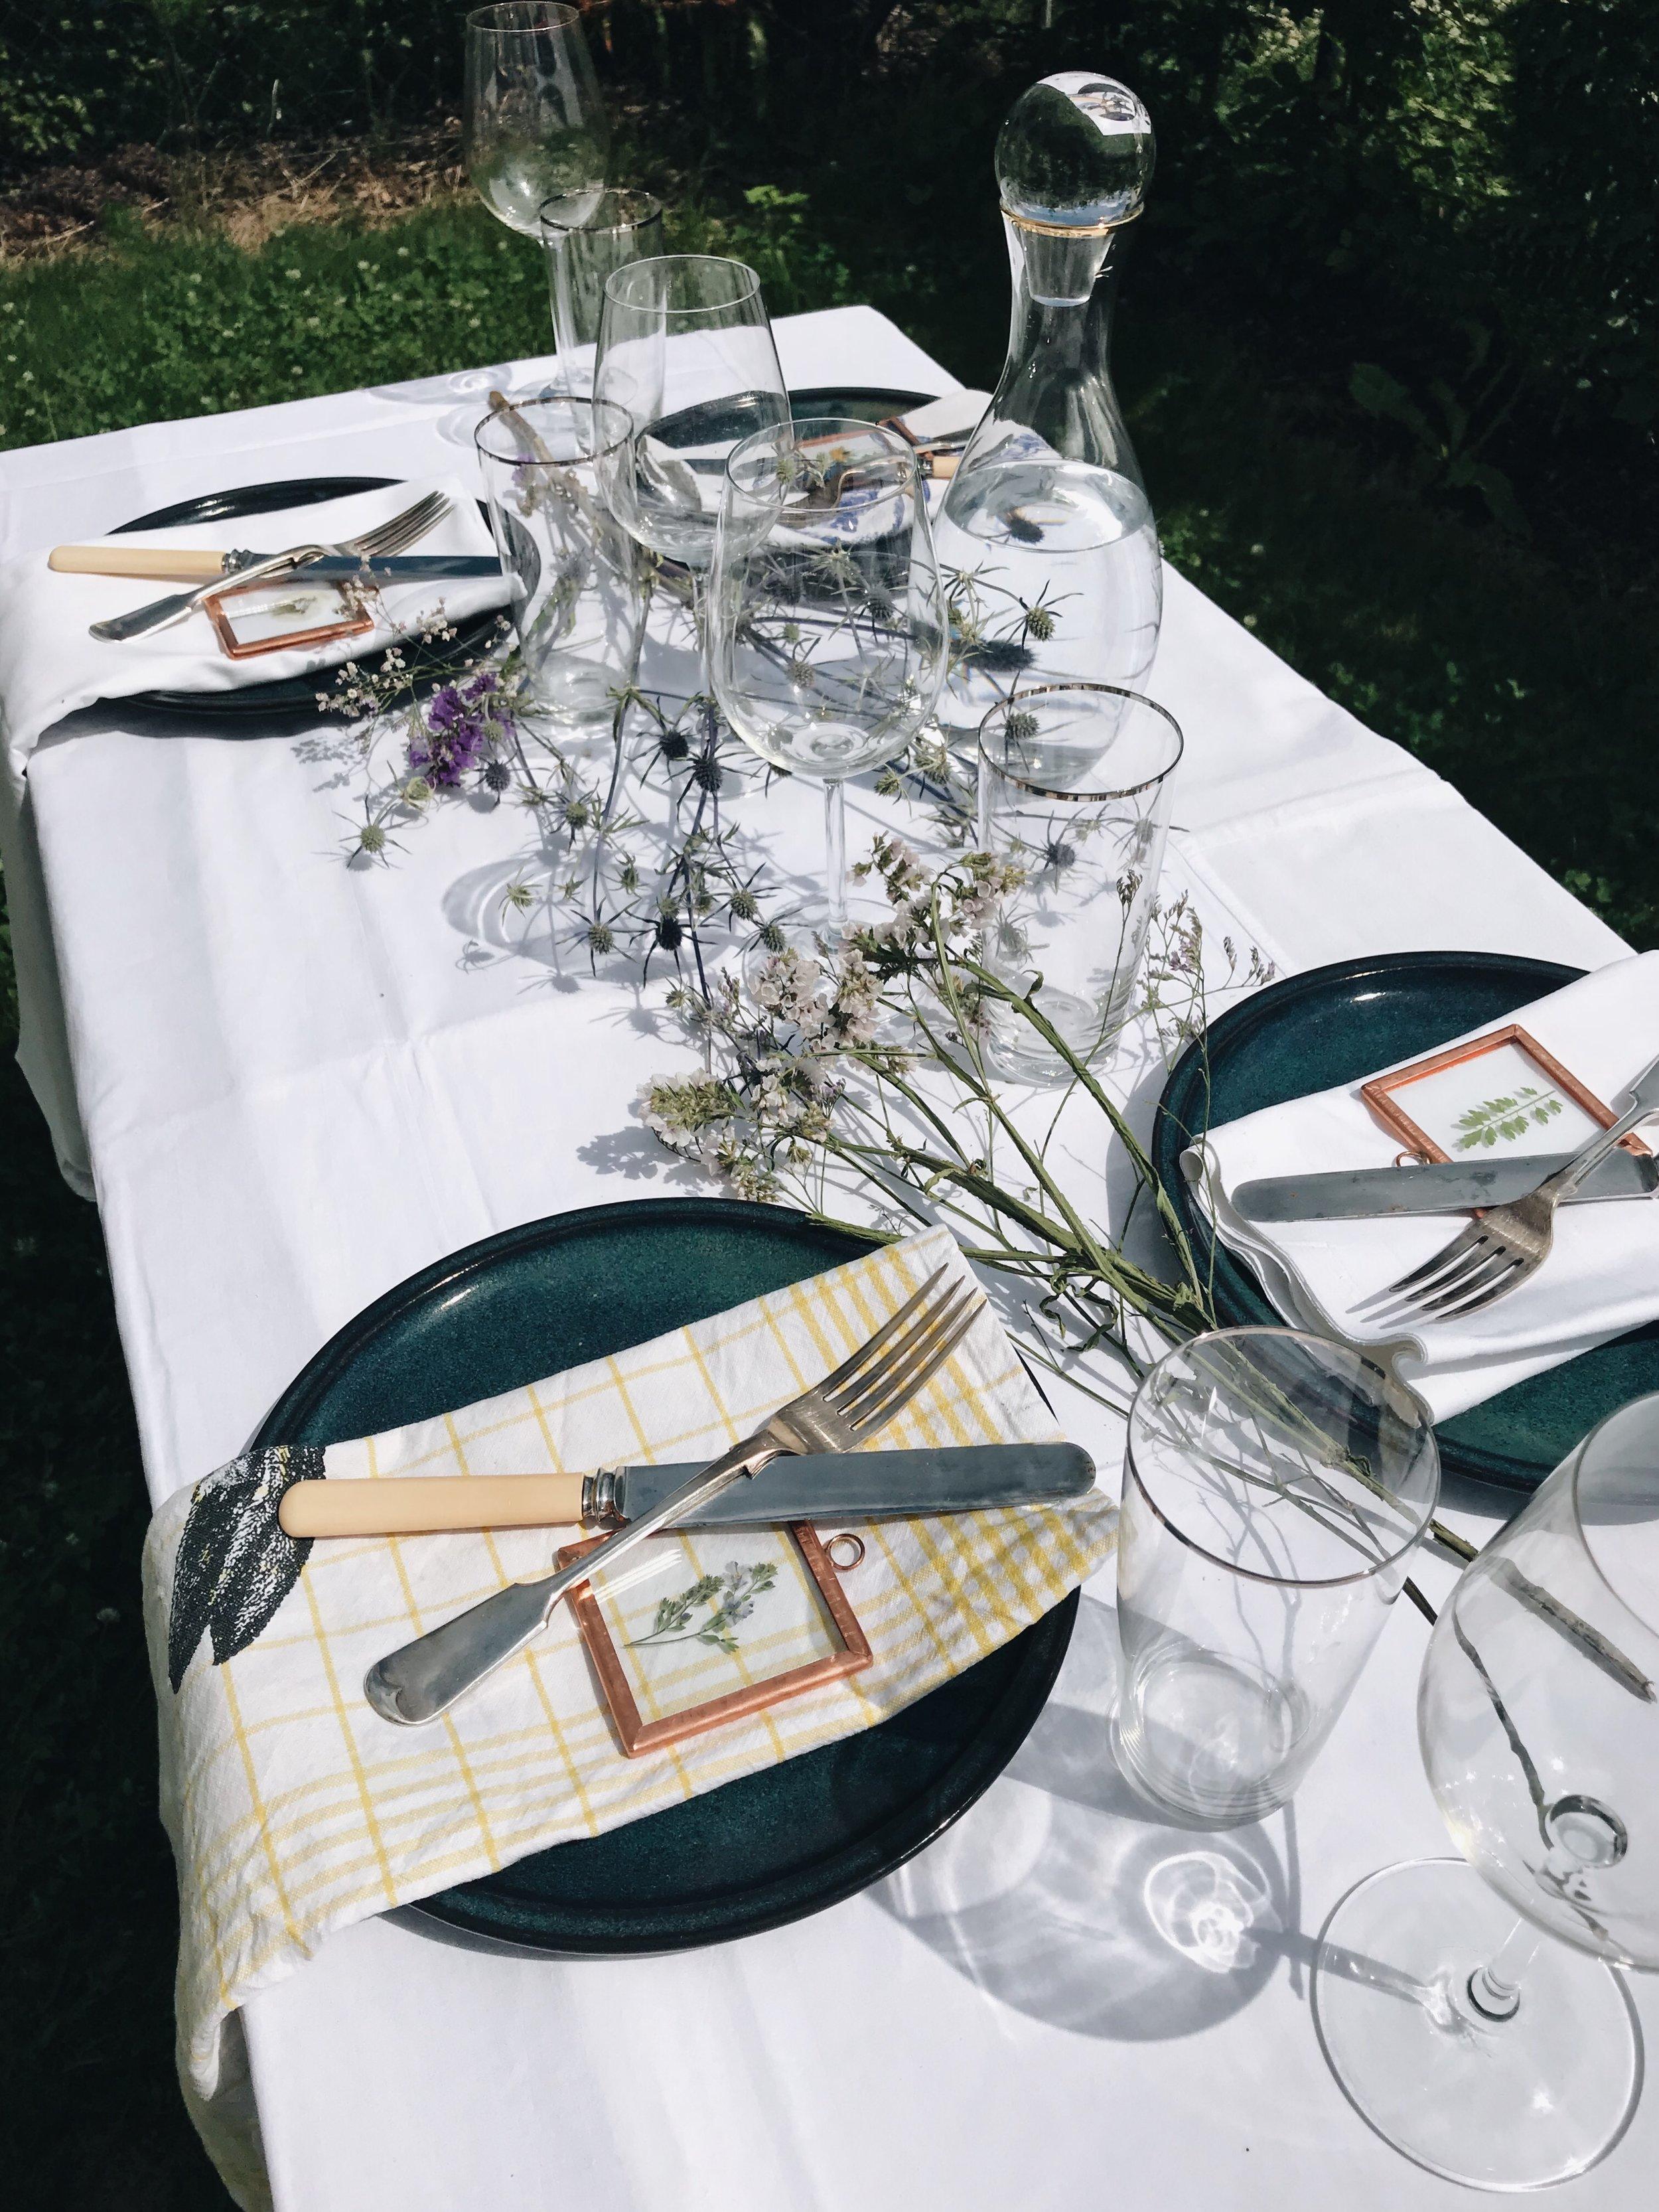 geselligkeit festtafel essen mit freunden